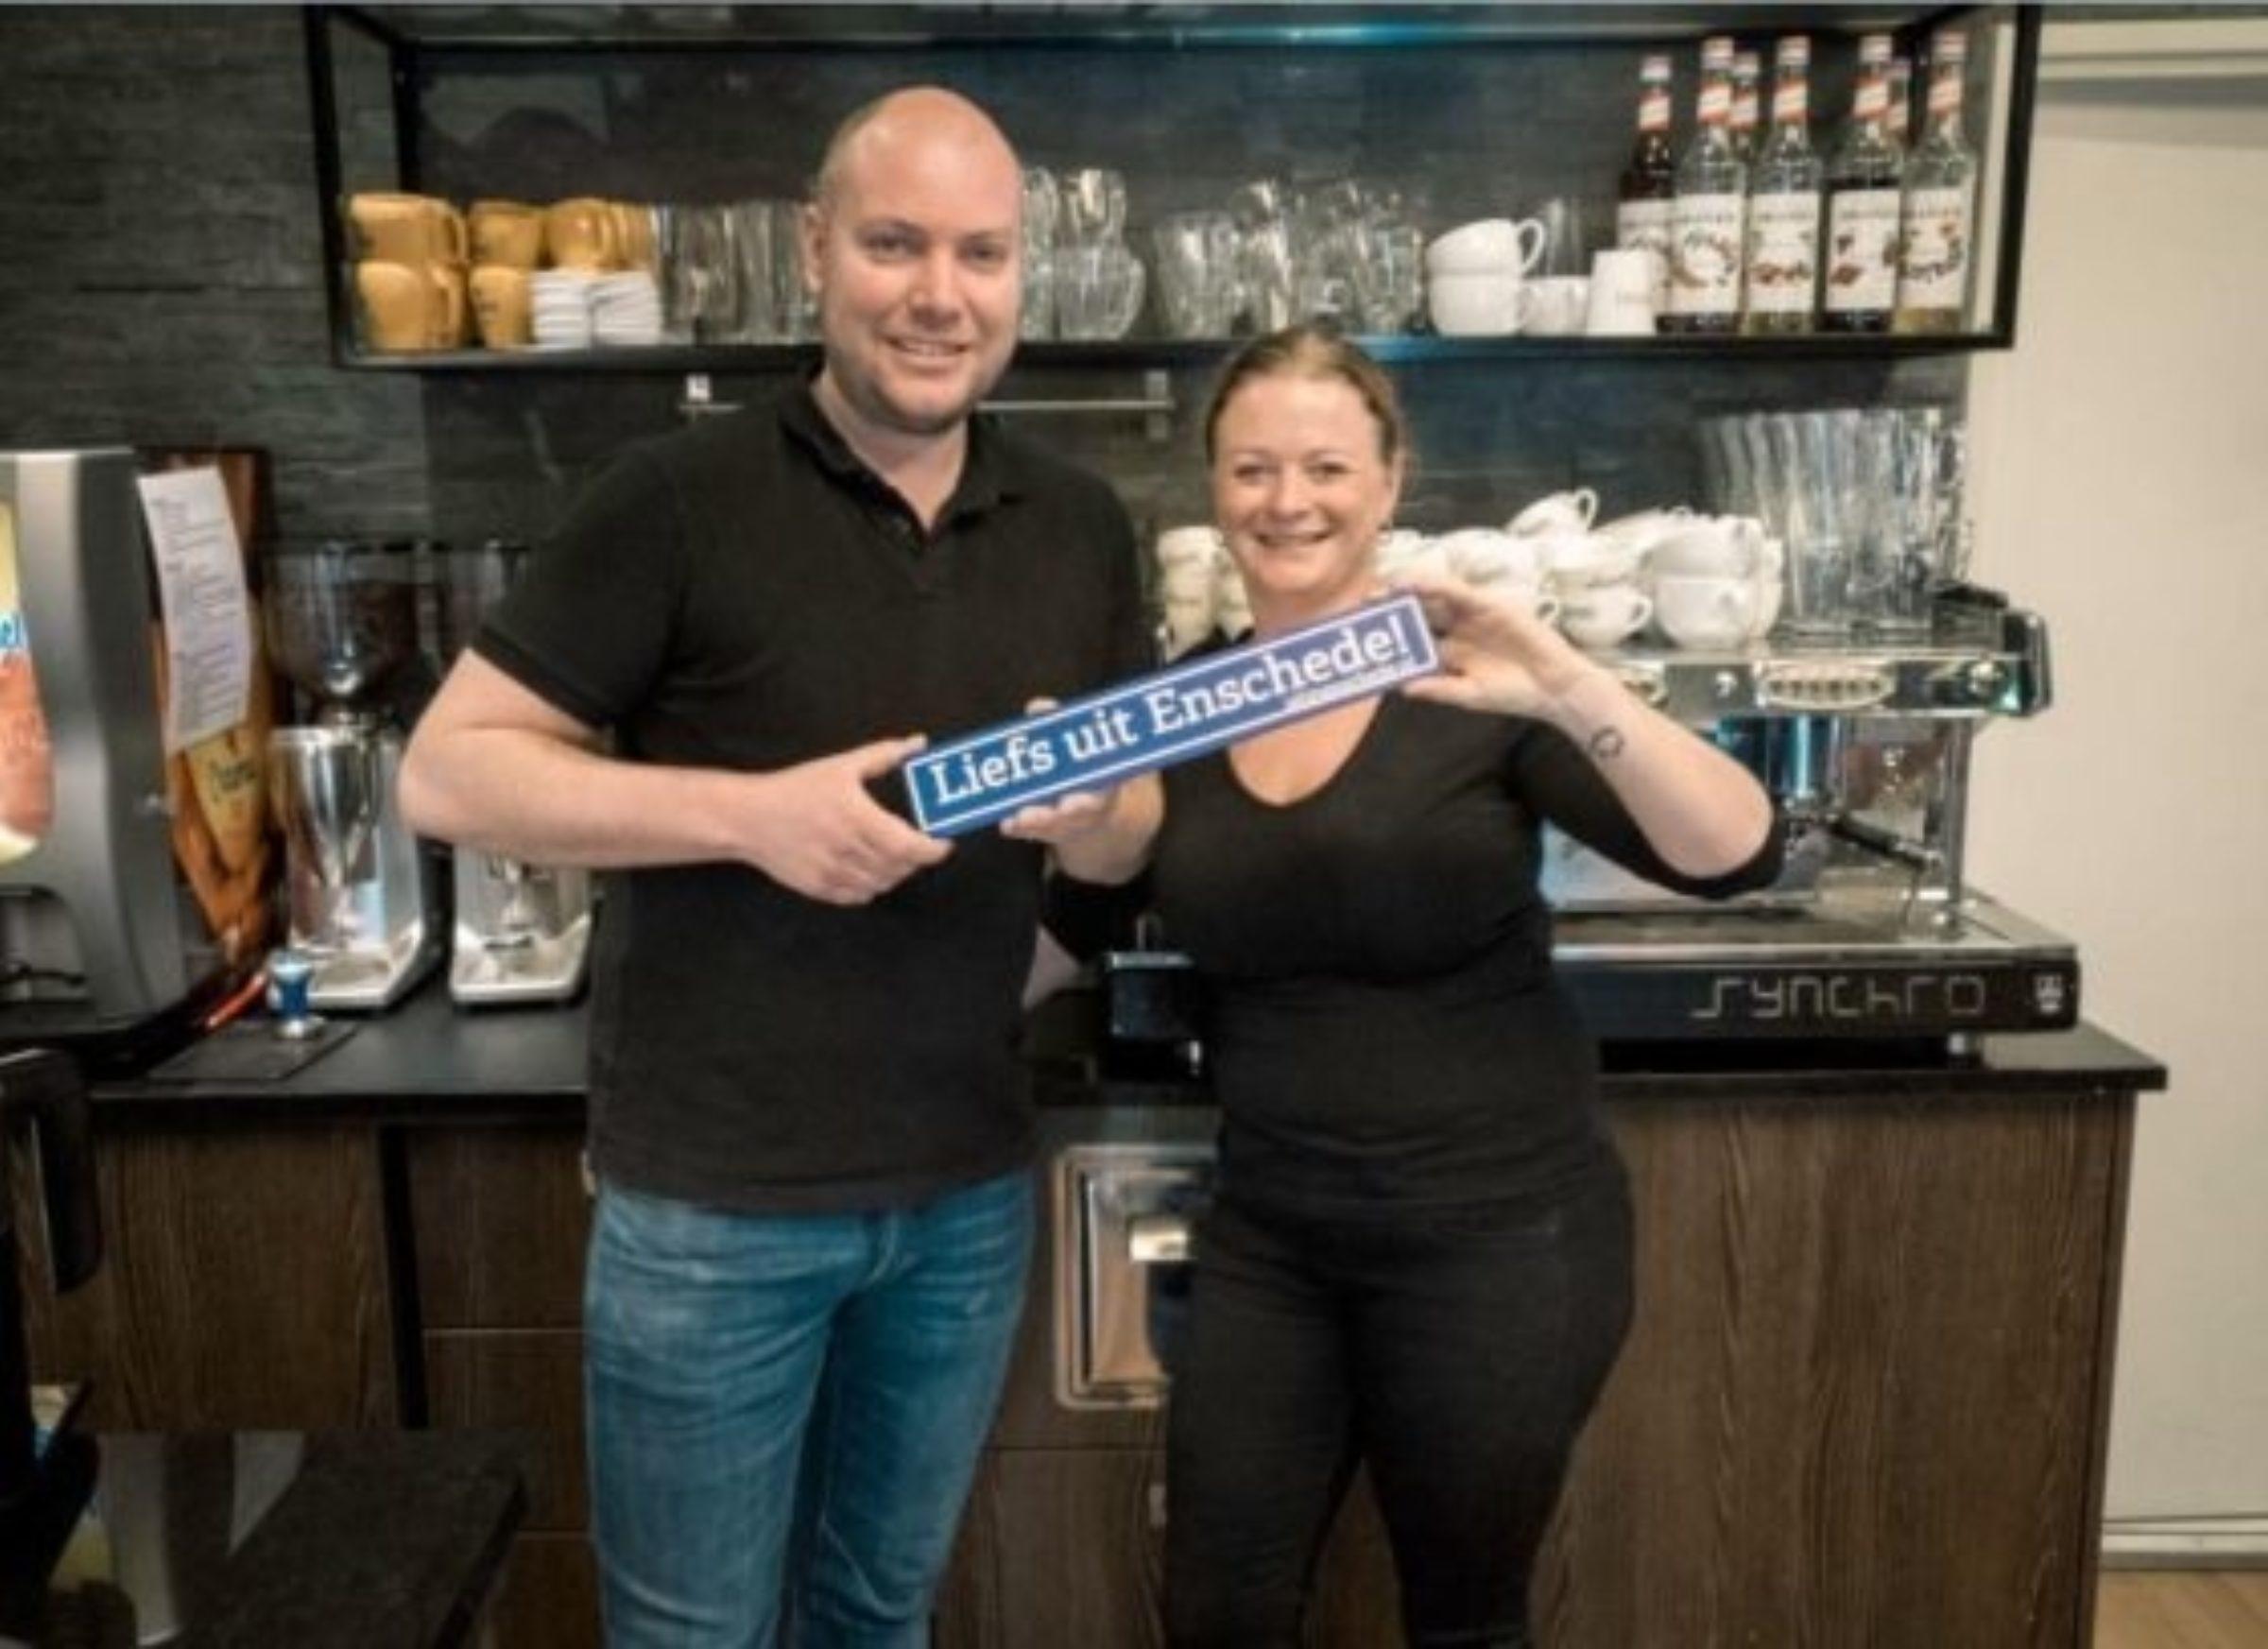 2019 Liefs Uit Enschede Branderie